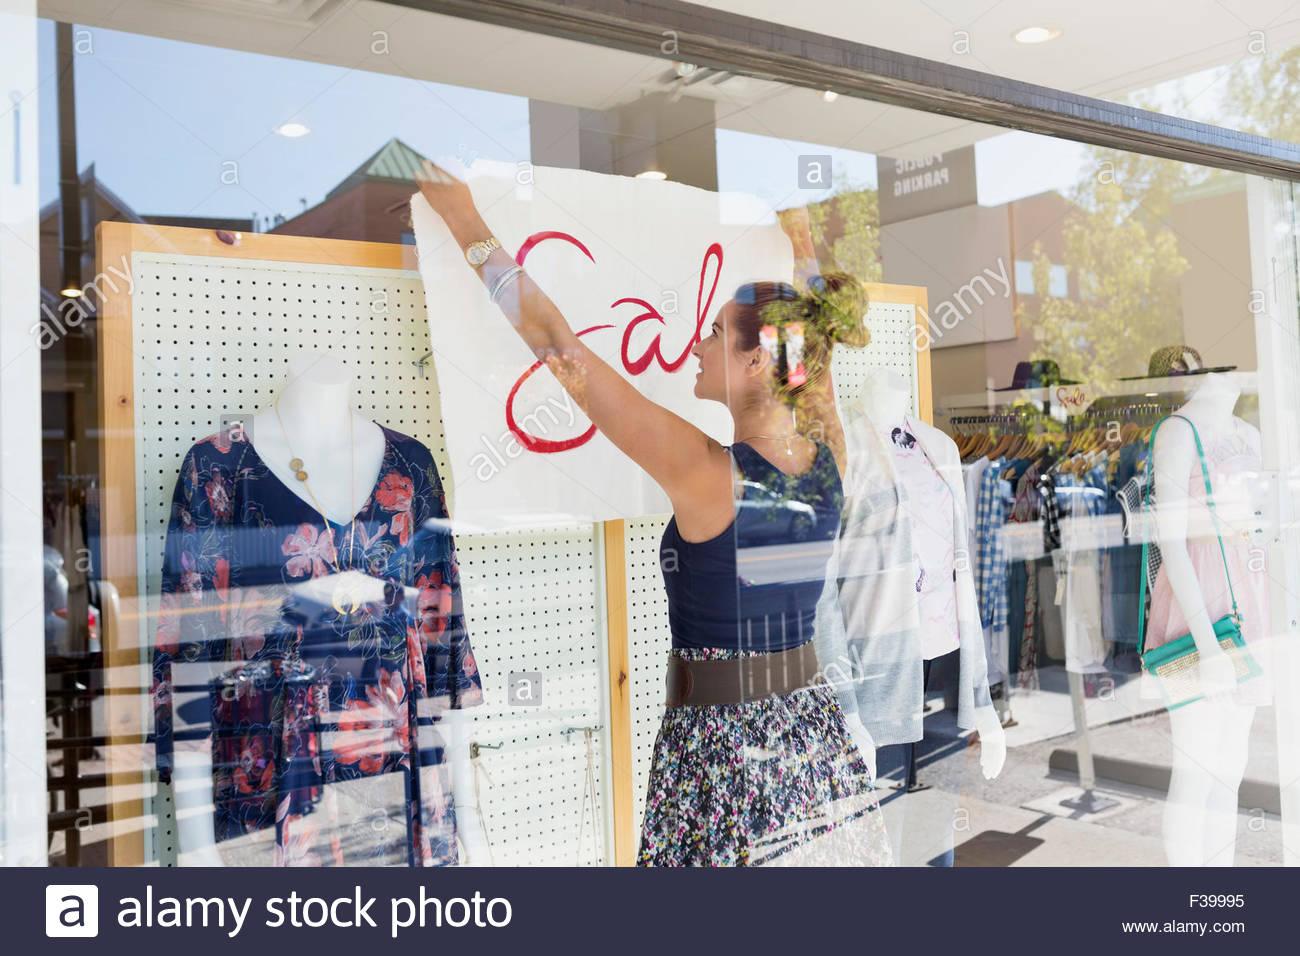 Vente de vêtements suspendus travailleur signe vitrine Photo Stock